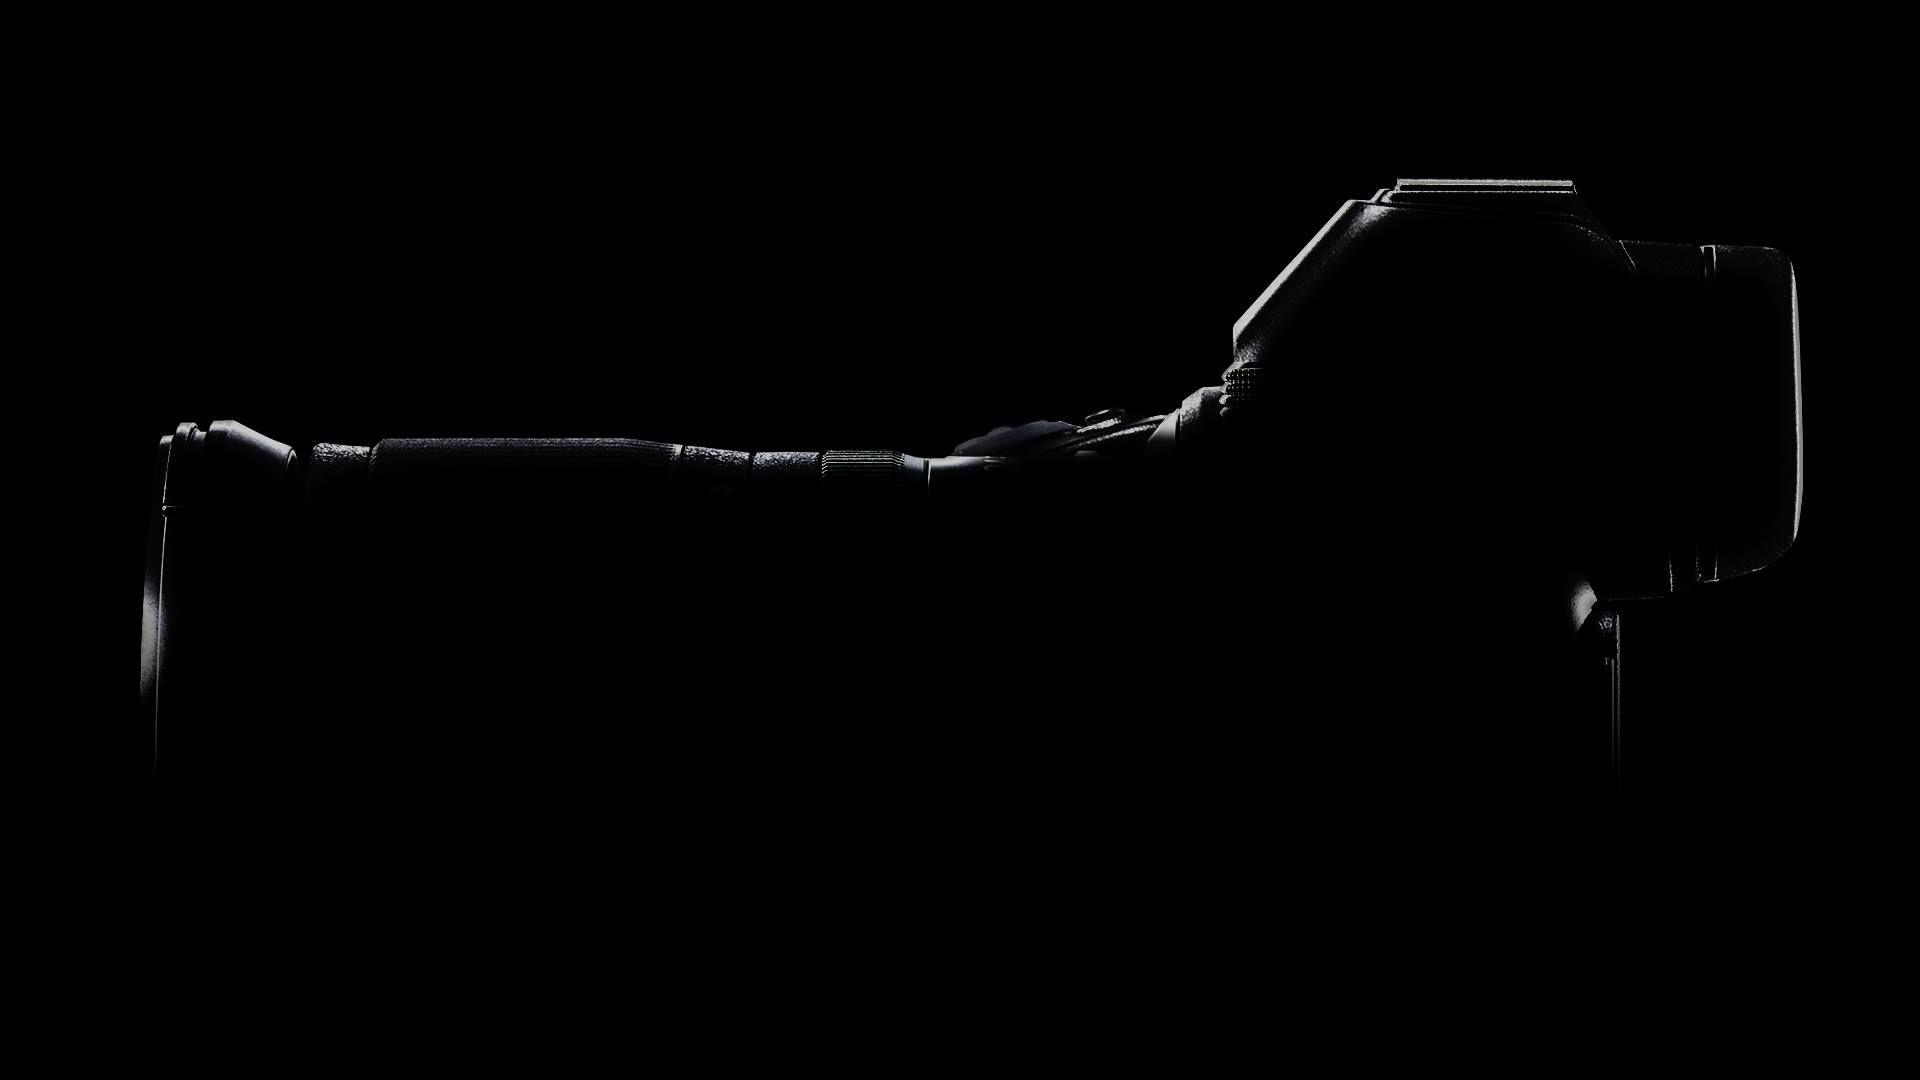 Produk Terbaru Nikon, 7 Spekulasi Kamera Mirrorless Yang Kita Inginkan